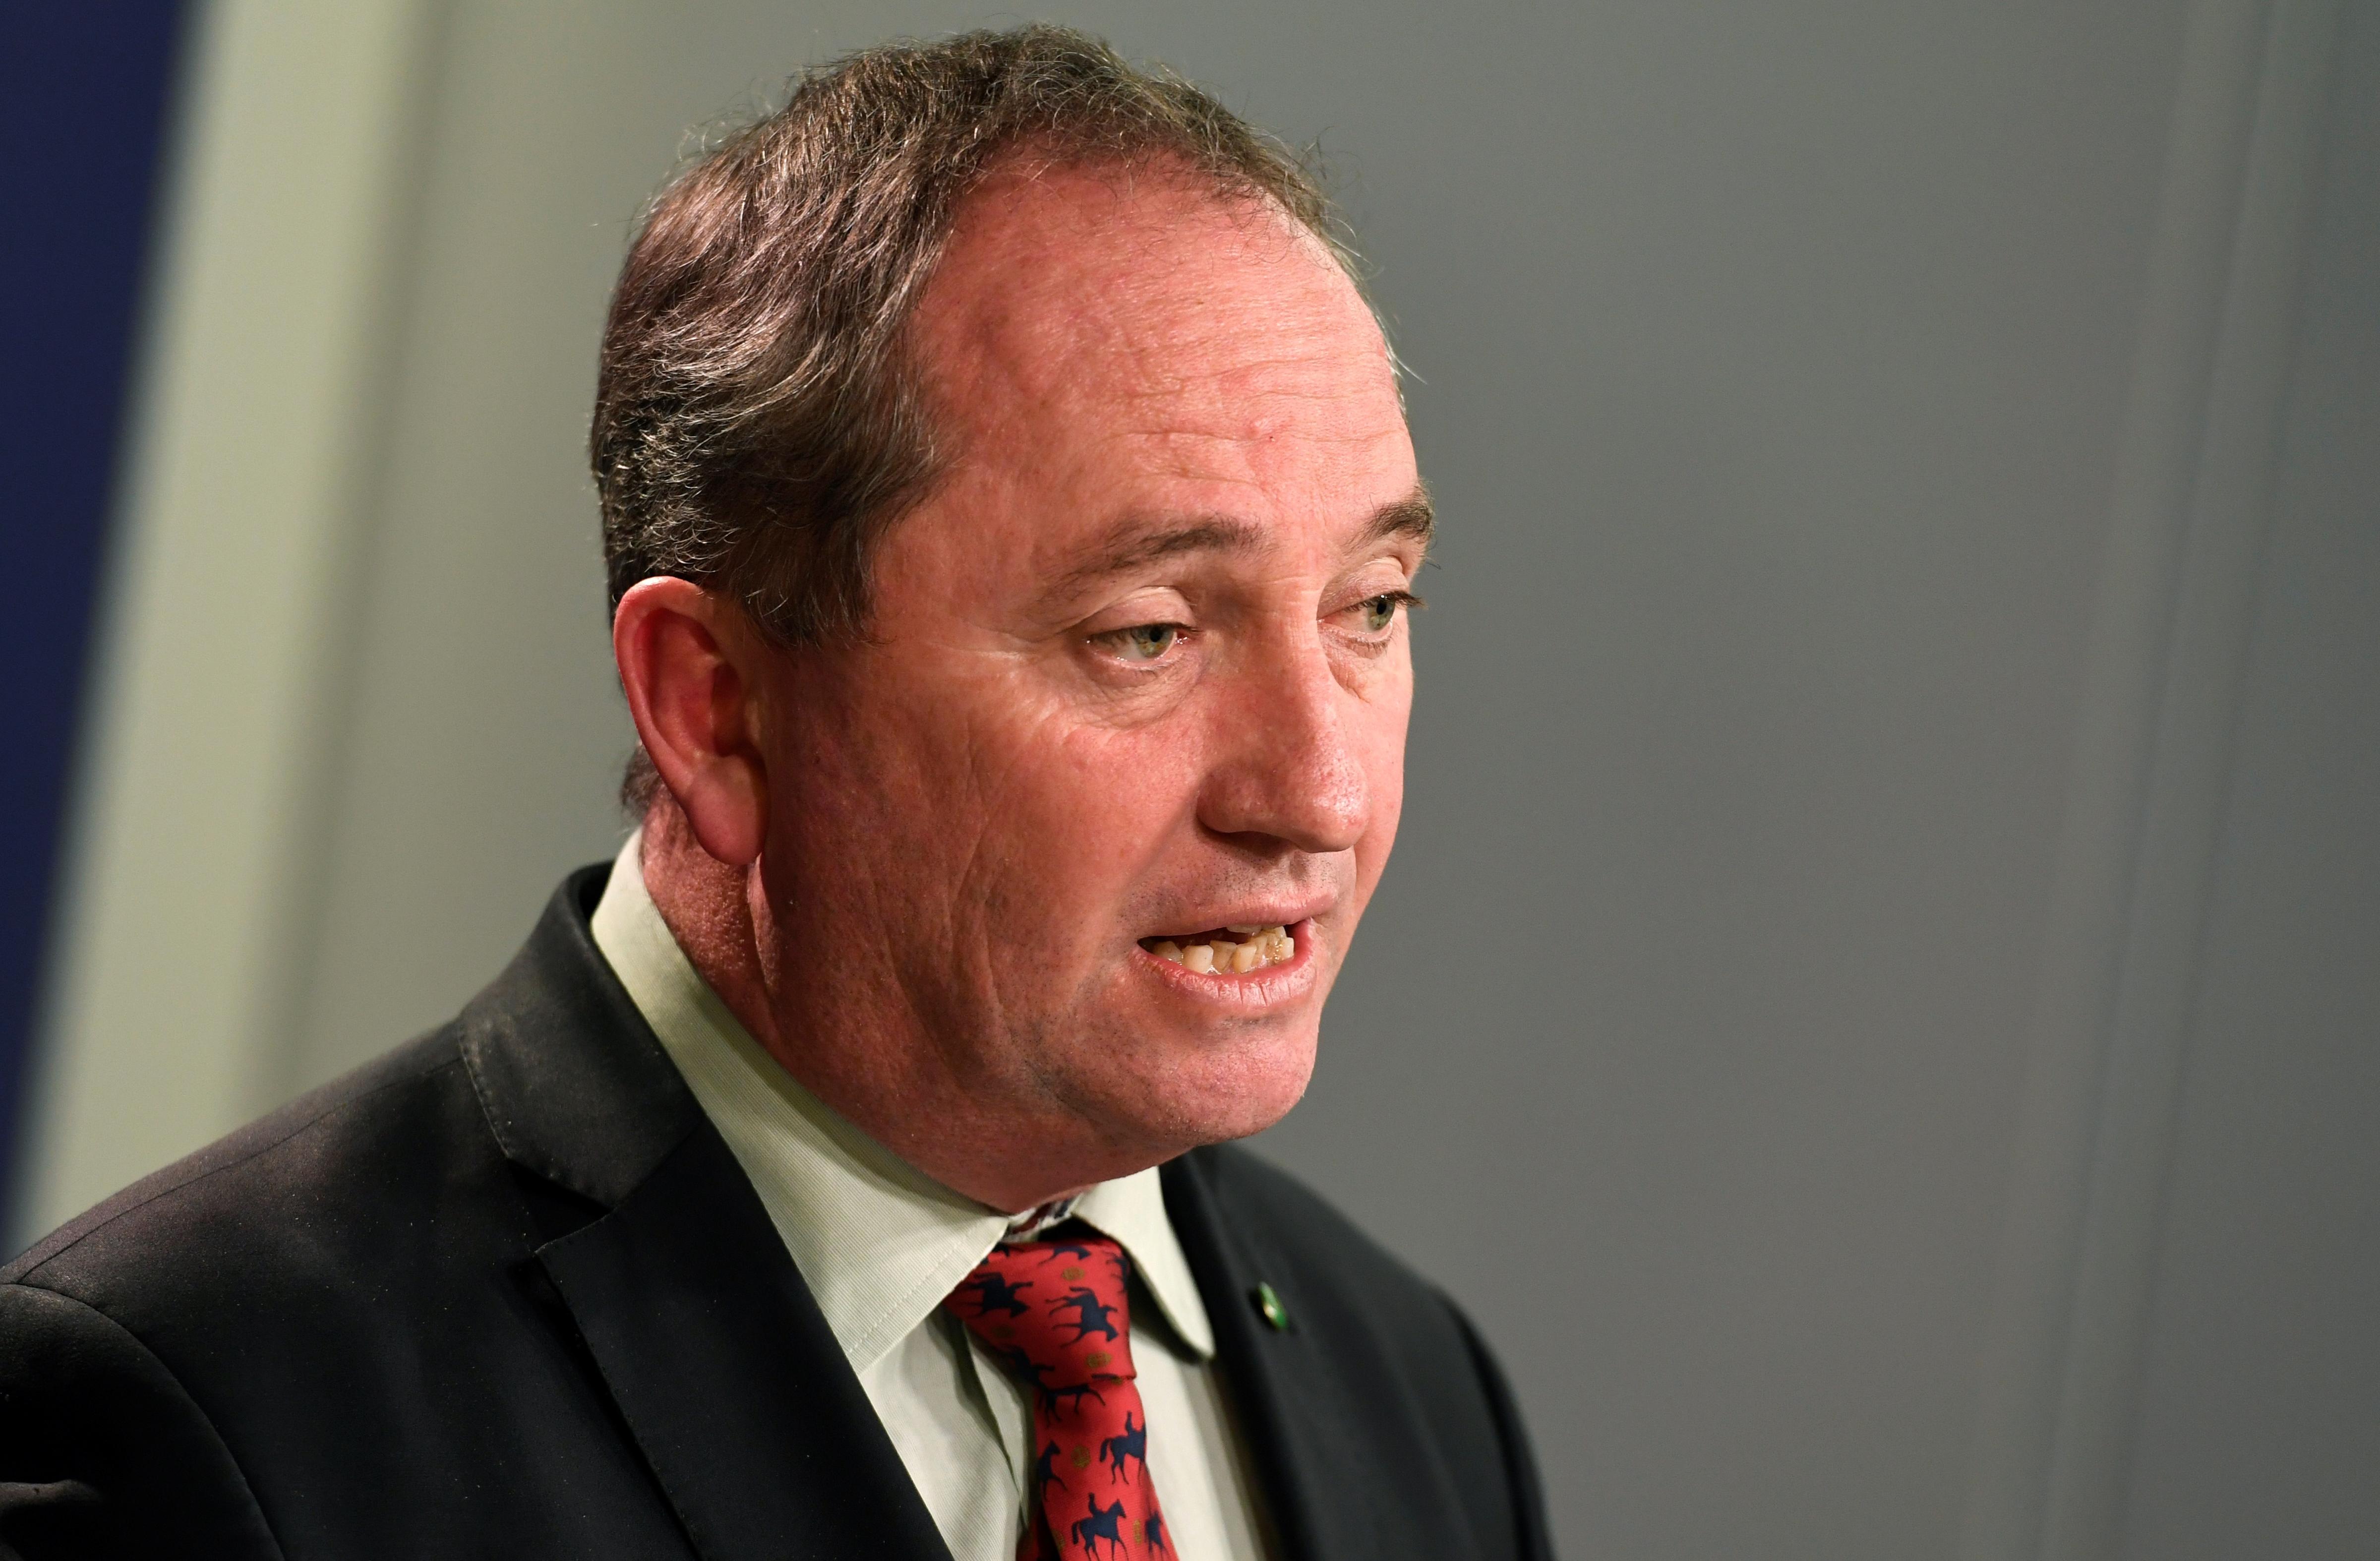 Válságban az ausztrál kormány, mert a félrekúró konzervatív miniszterelnök-helyettes nem hajlandó lemondani